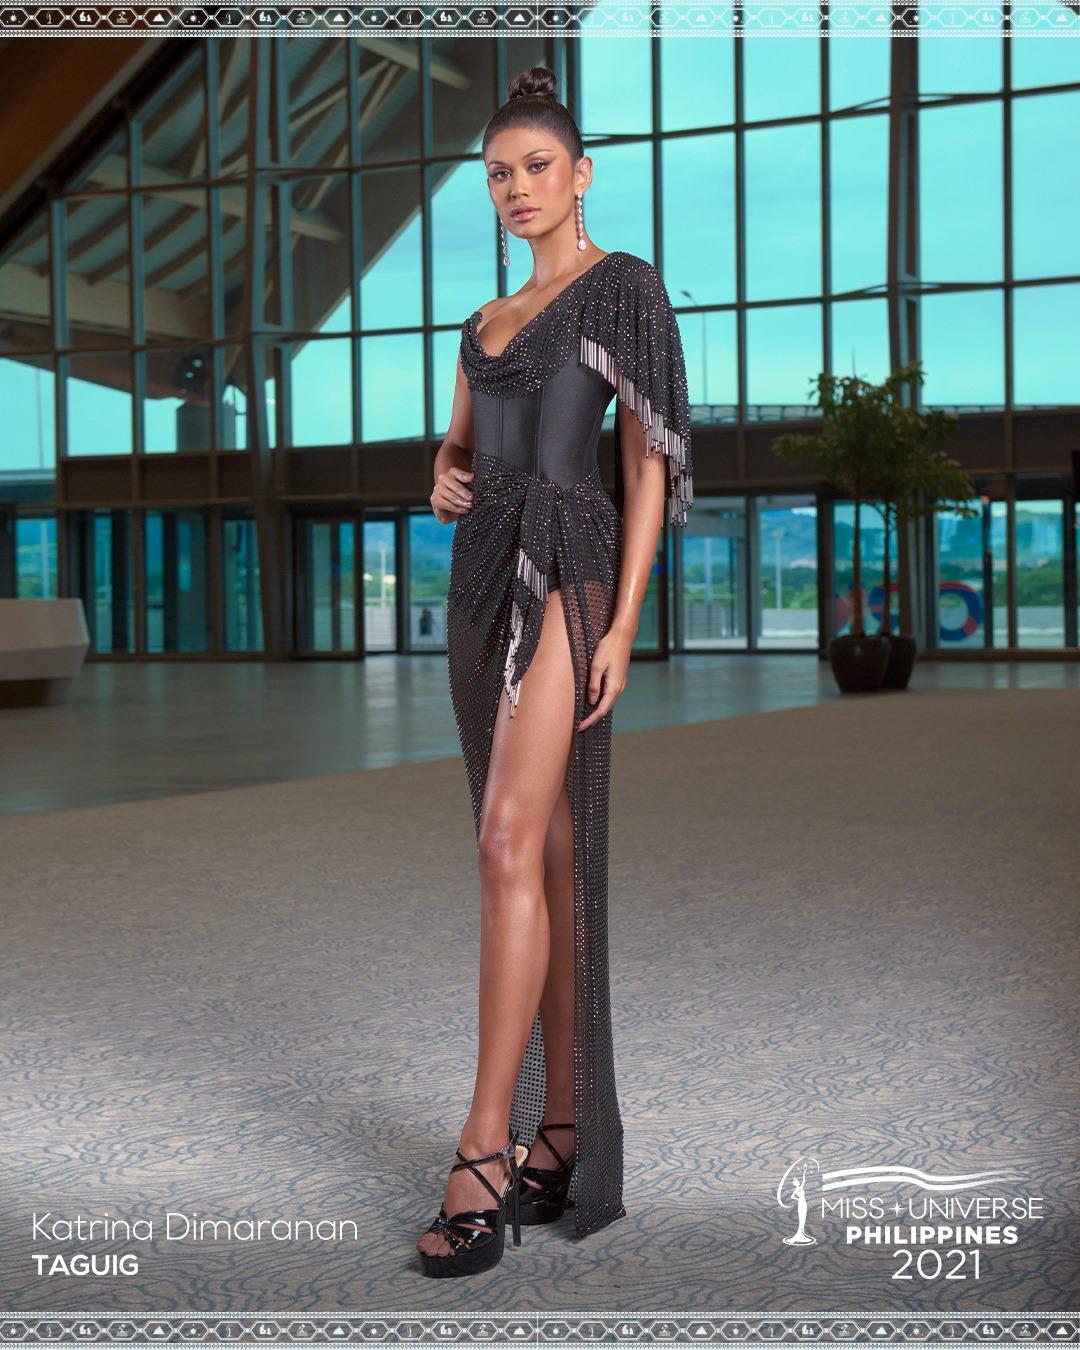 katrina-dimaranan-miss-universe-taguig-evening-gown